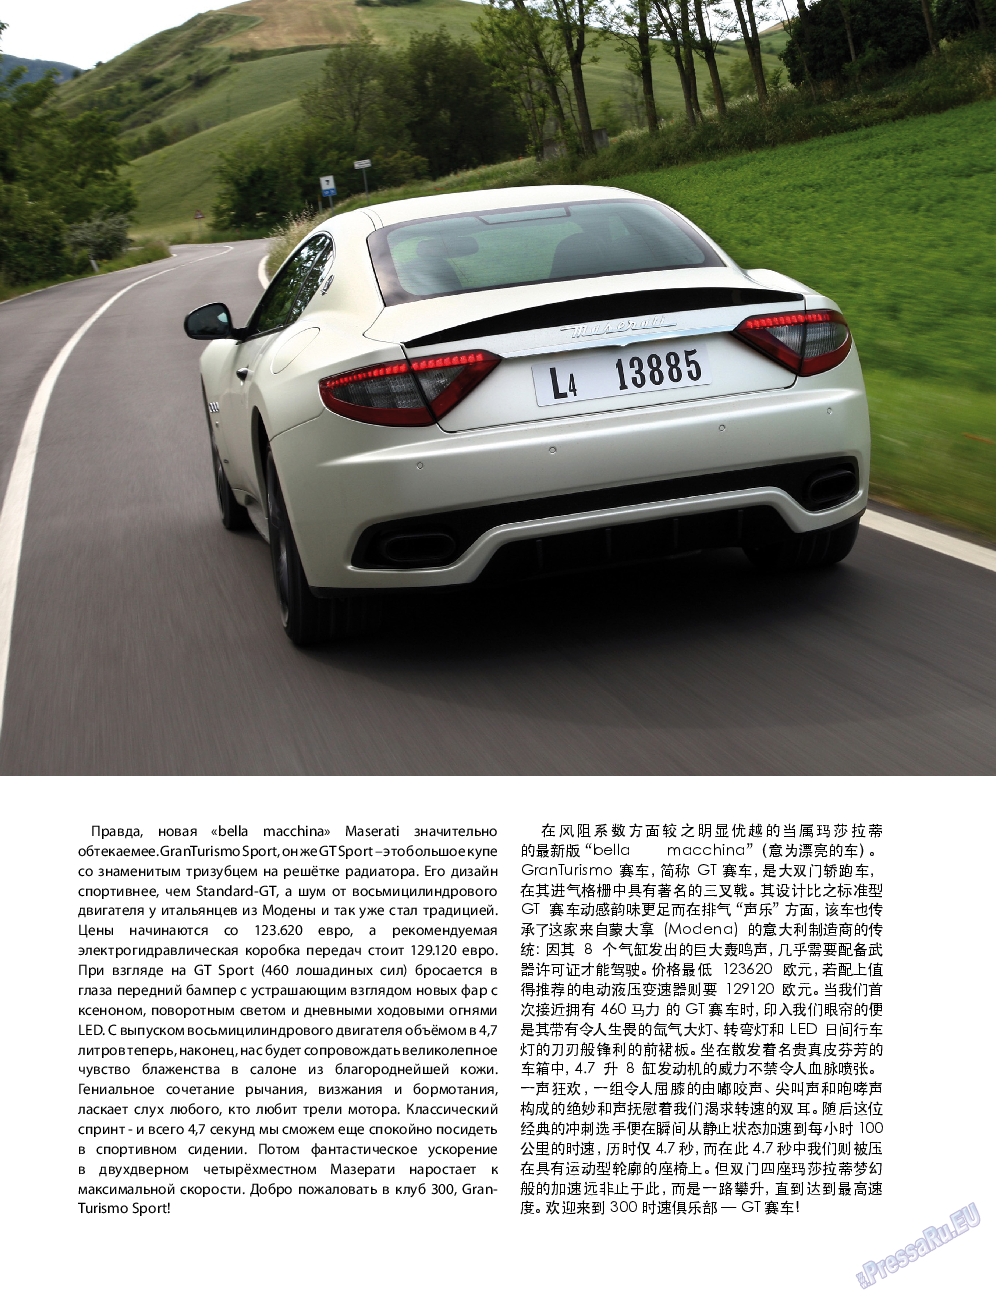 Клан (журнал). 2012 год, номер 3, стр. 18